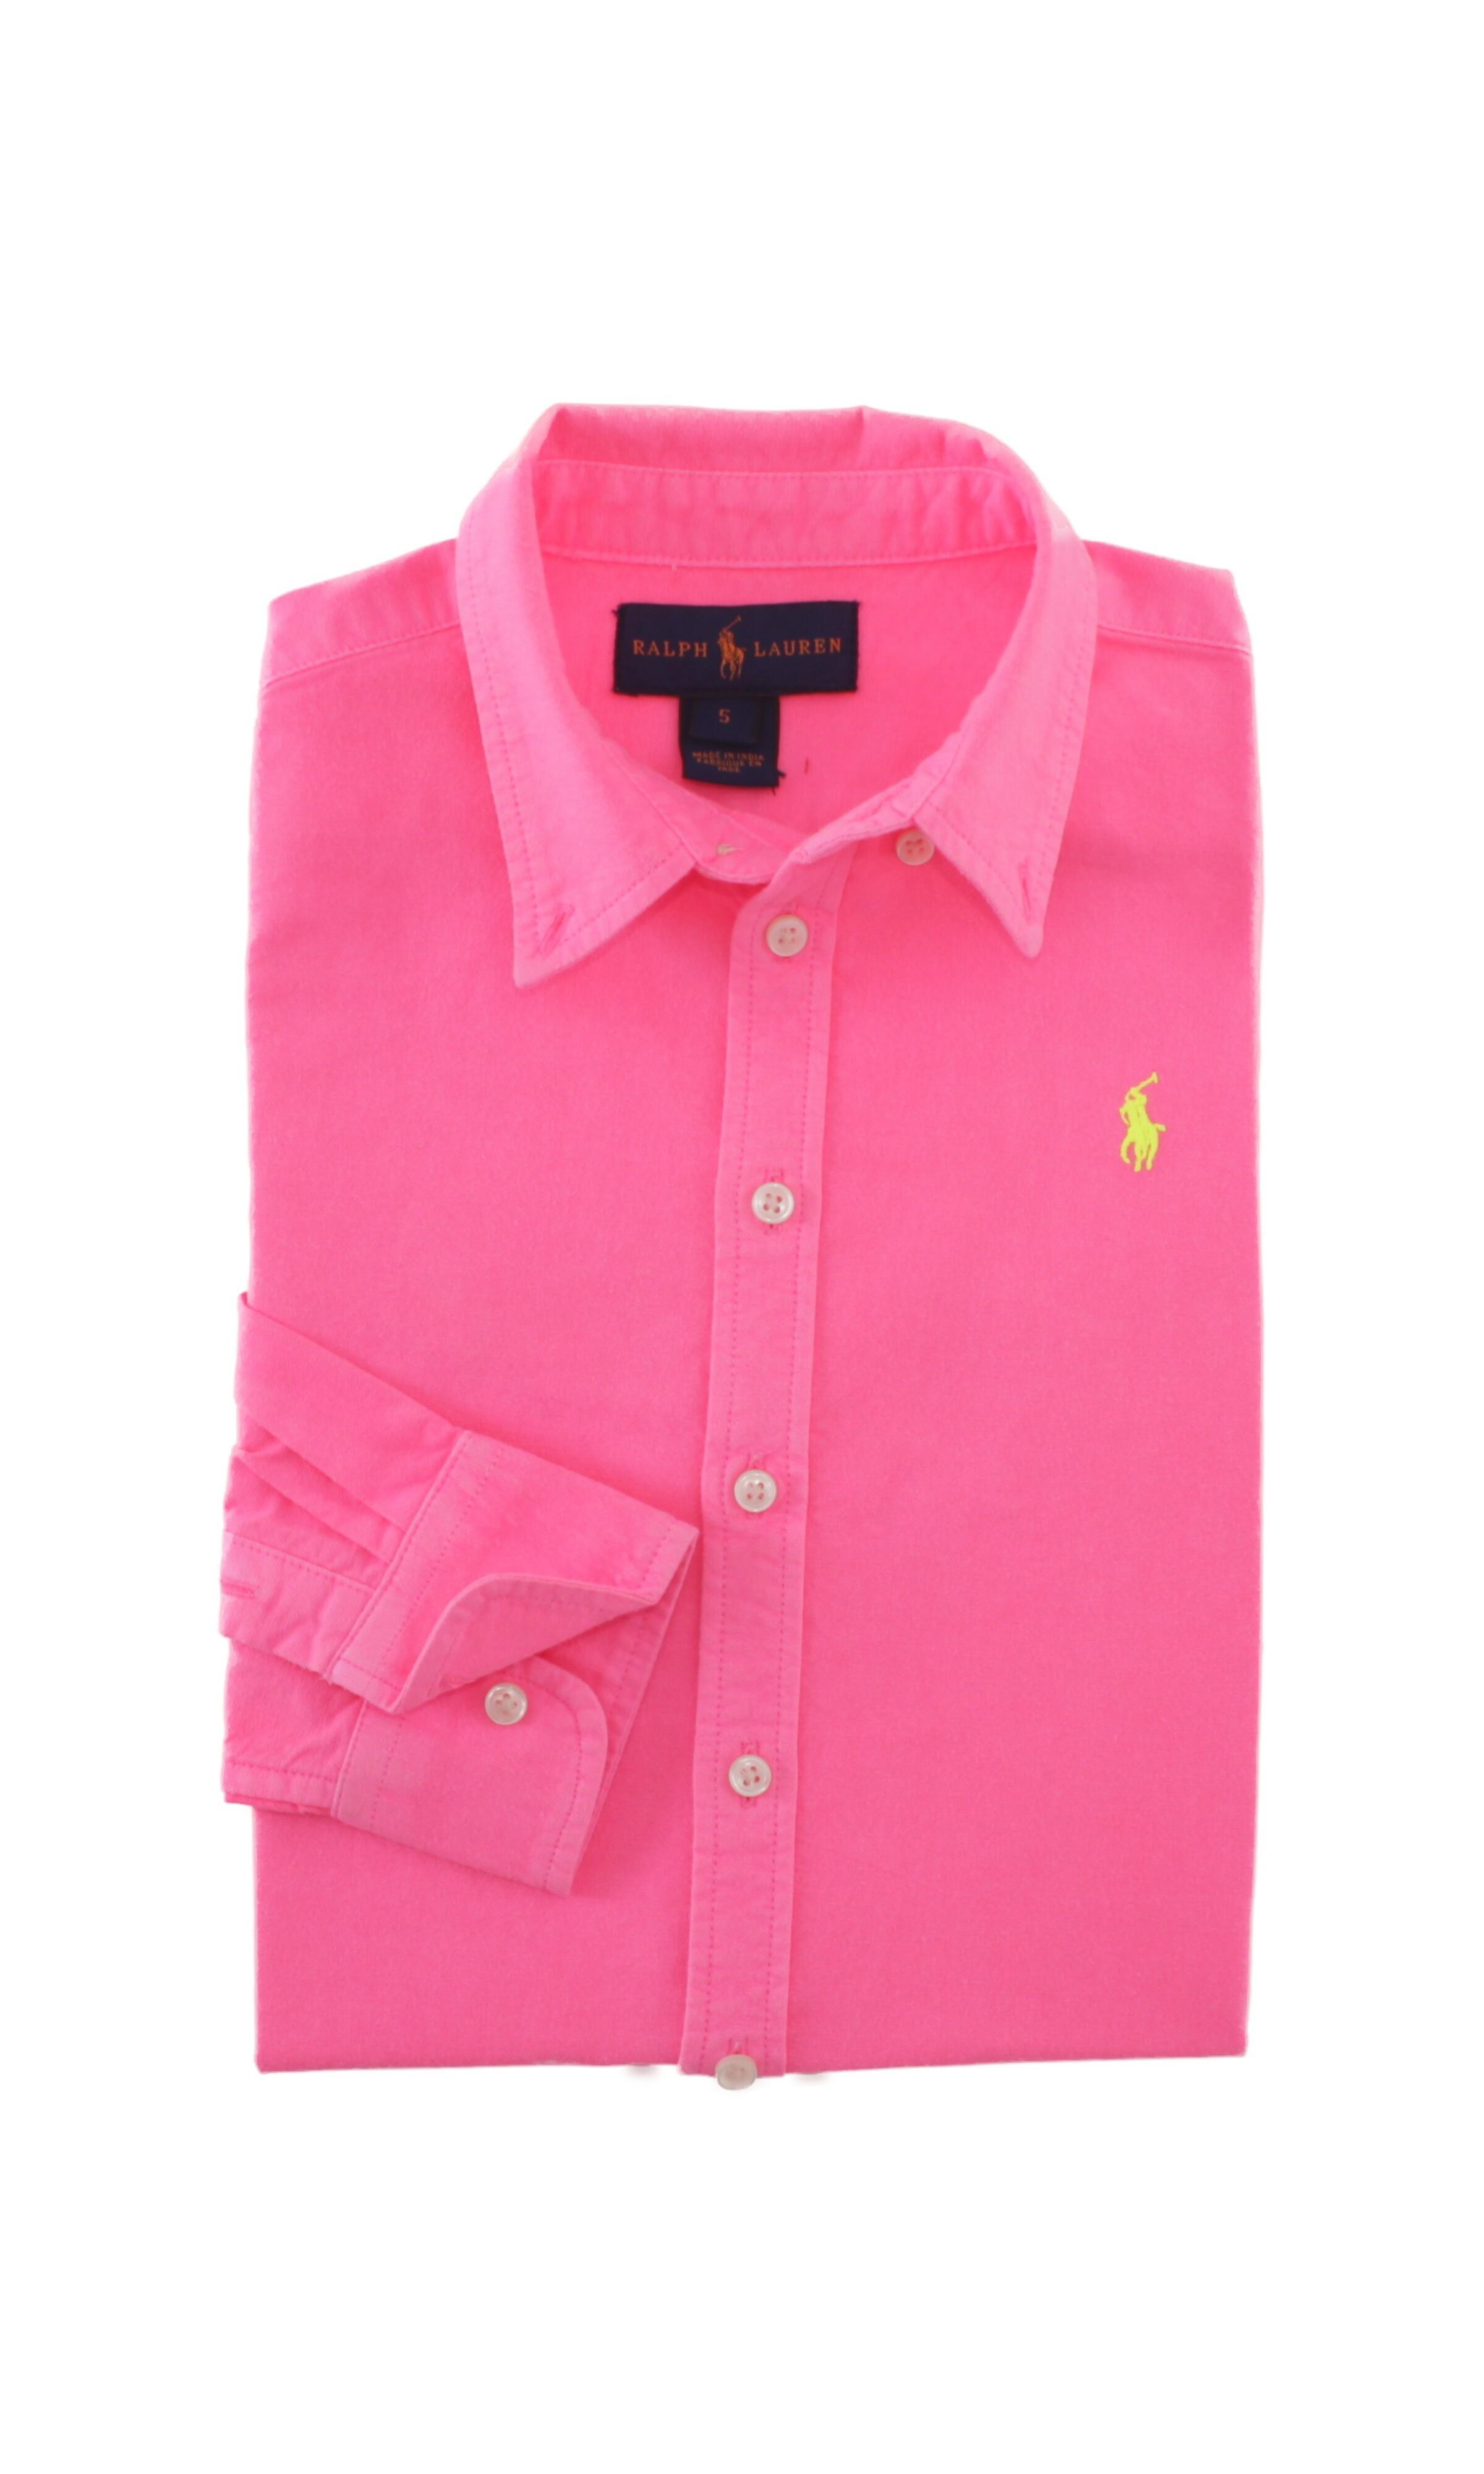 Ralph Lauren Dress Shirt Macys   Lauren Goss 9a52f5b84ba1